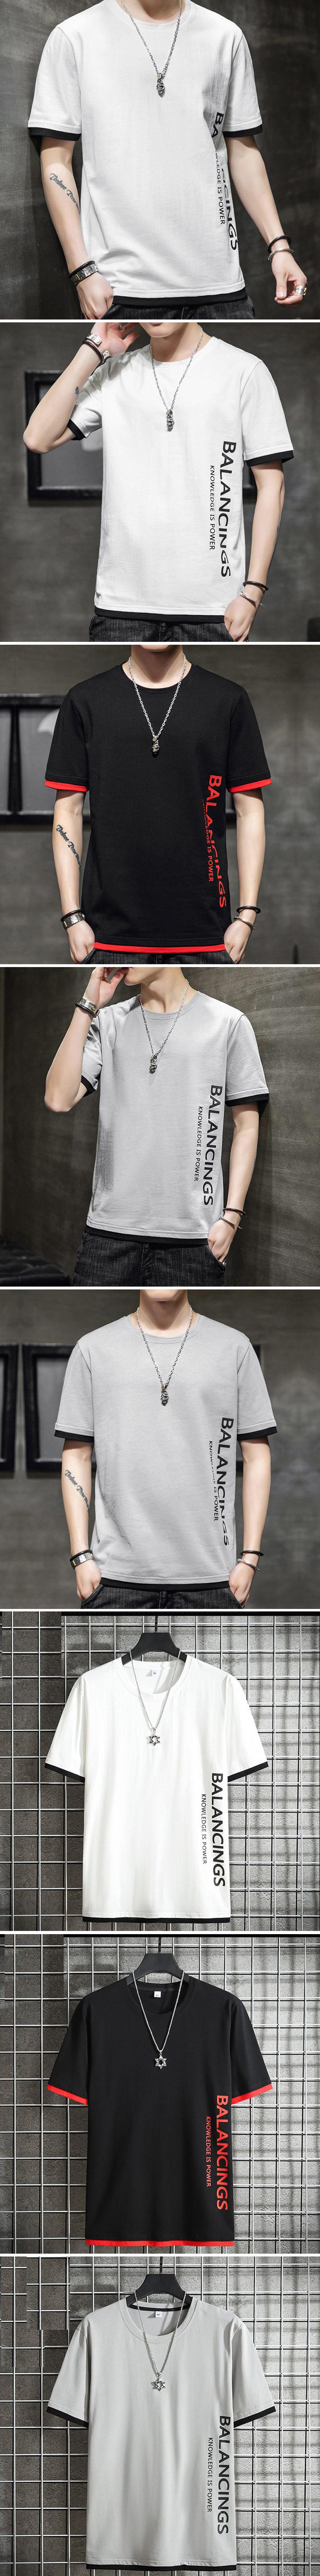 側邊潮流英字.假兩件短袖T恤